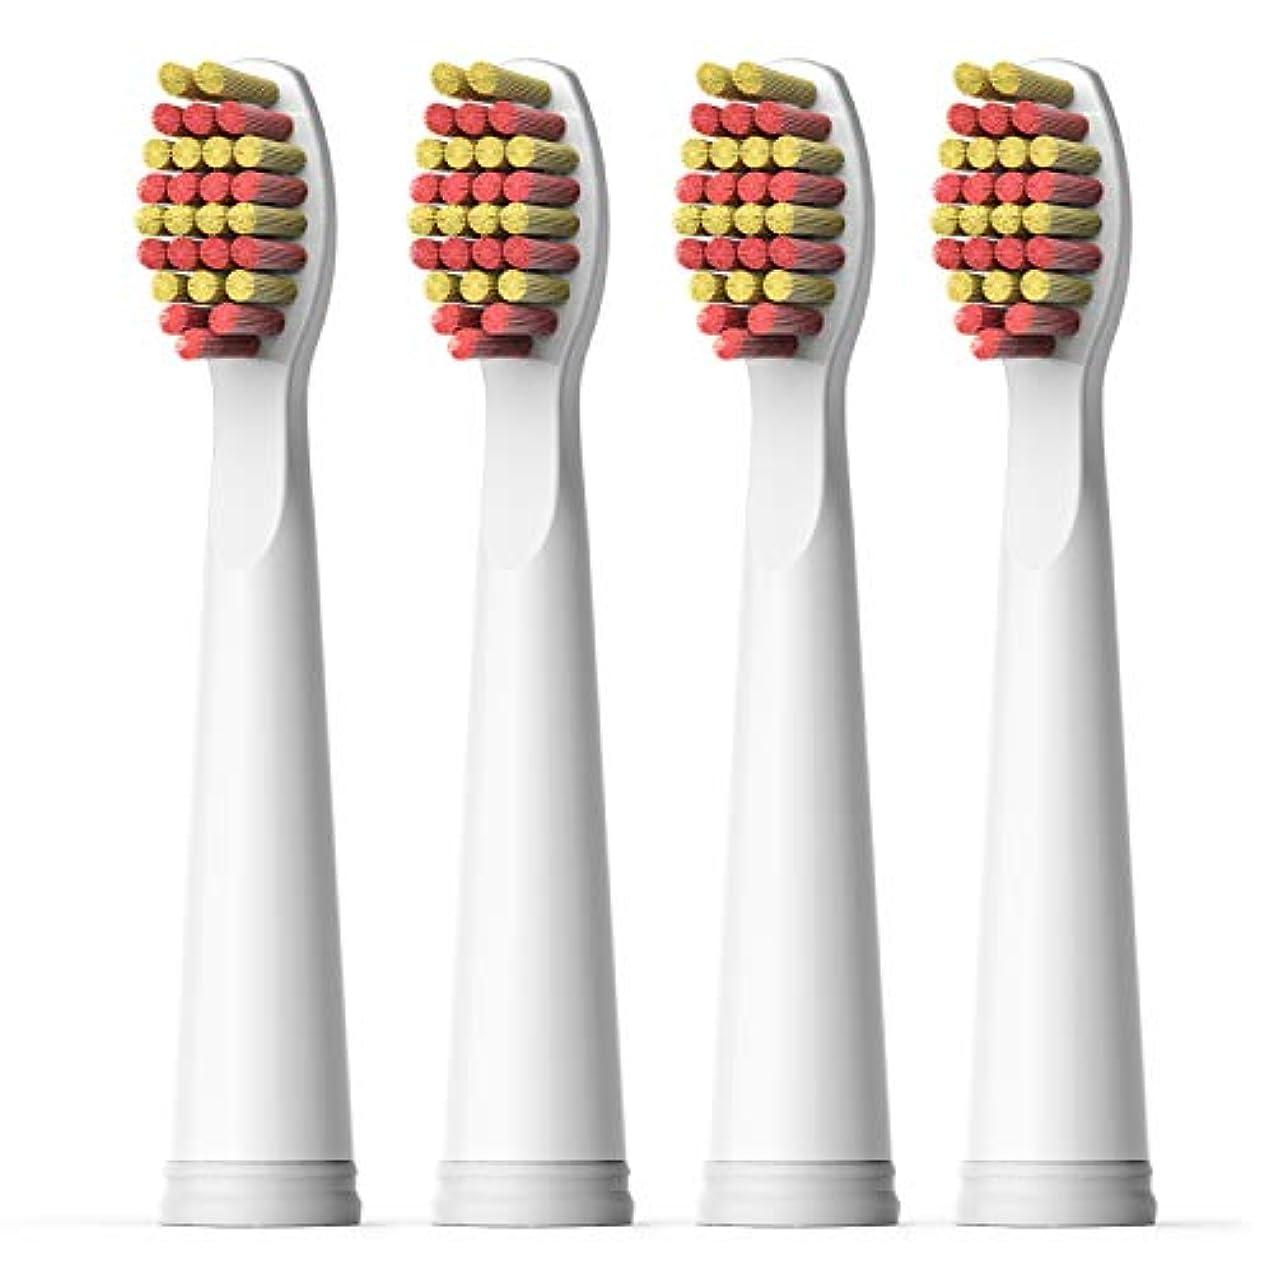 給料異常枯渇Fairywill 電動歯ブラシ用 替ブラシ 4本入 互換ブラシ ブラシヘッド やわらかい BH04